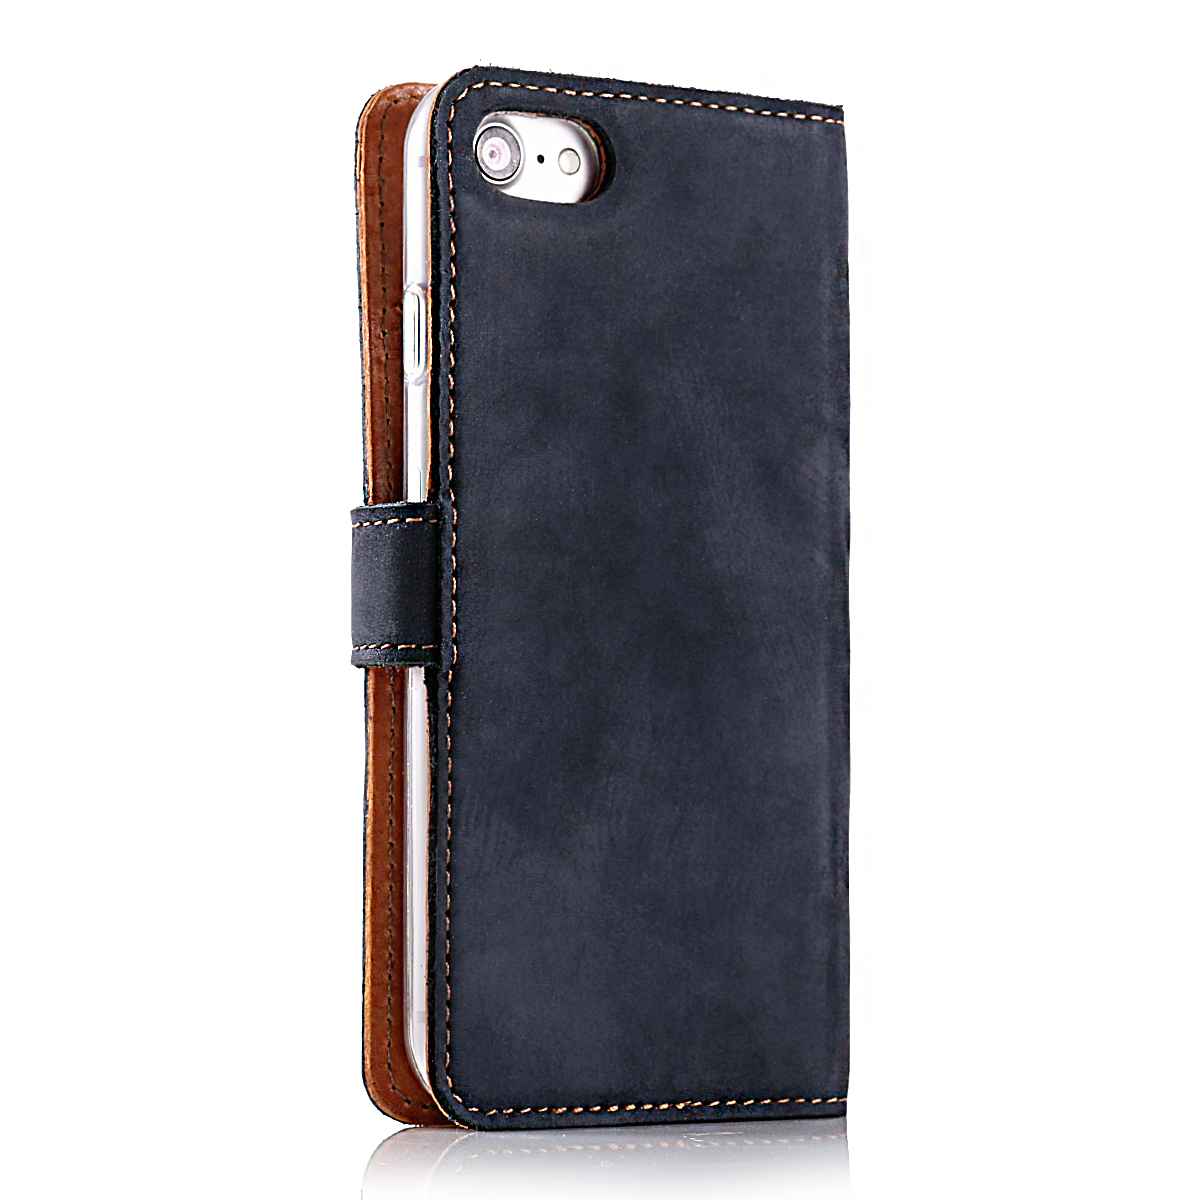 Premium Echtes Ledertasche Schutzhülle Tpu Wallet Flip Case Nubuk Uhren & Schmuck Farbe Blau